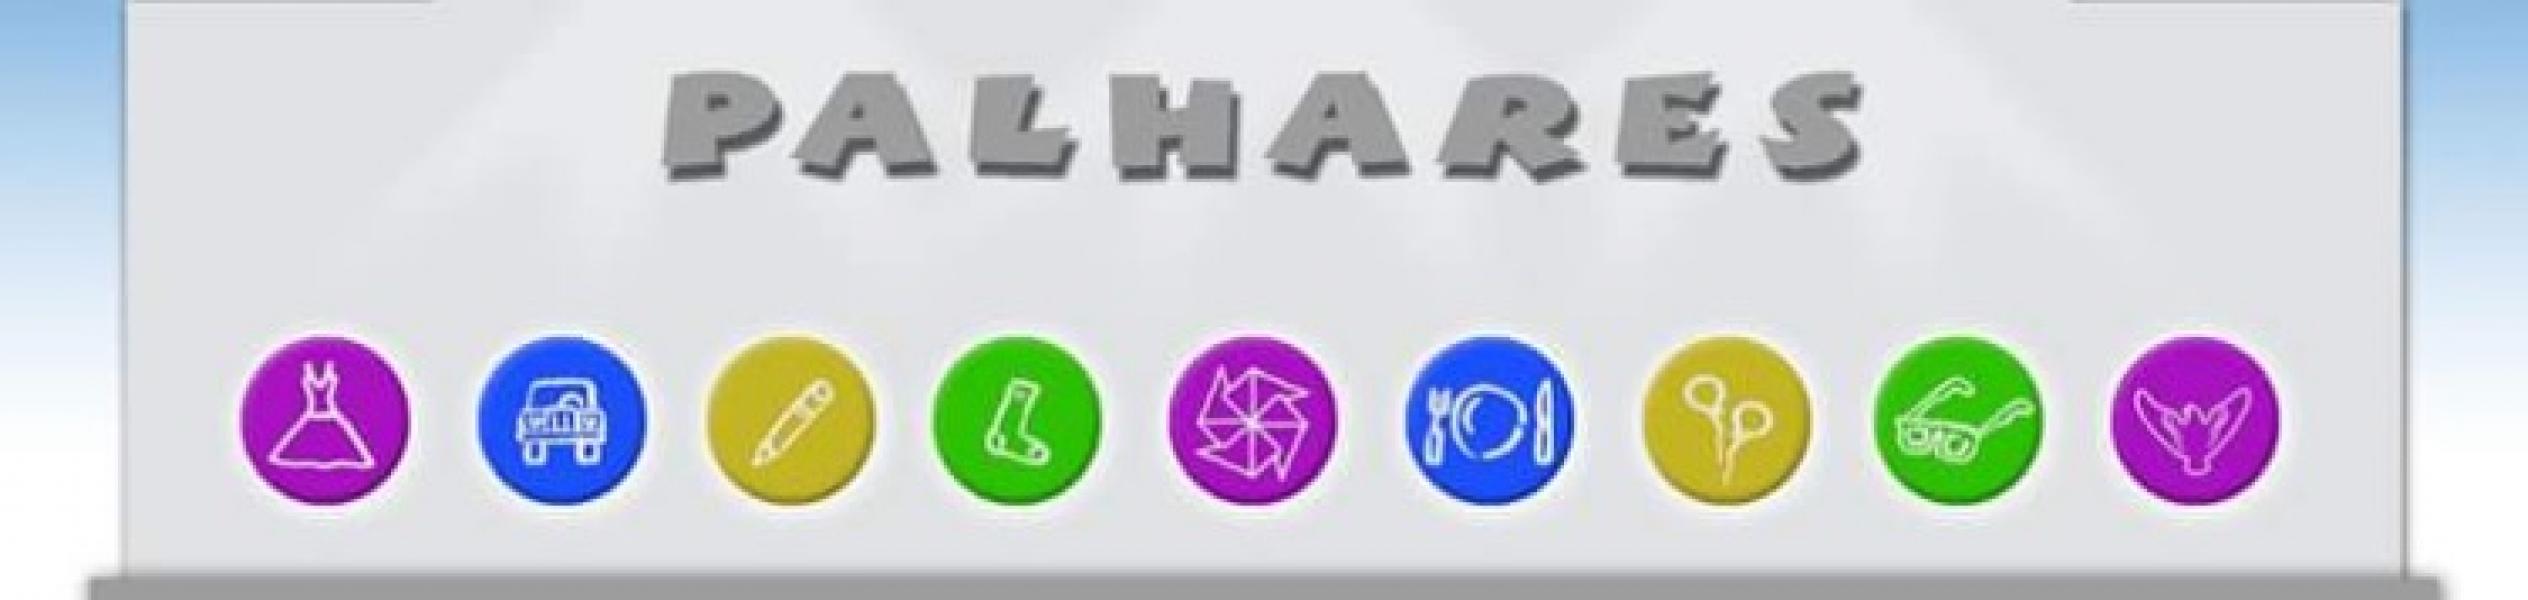 Palhares